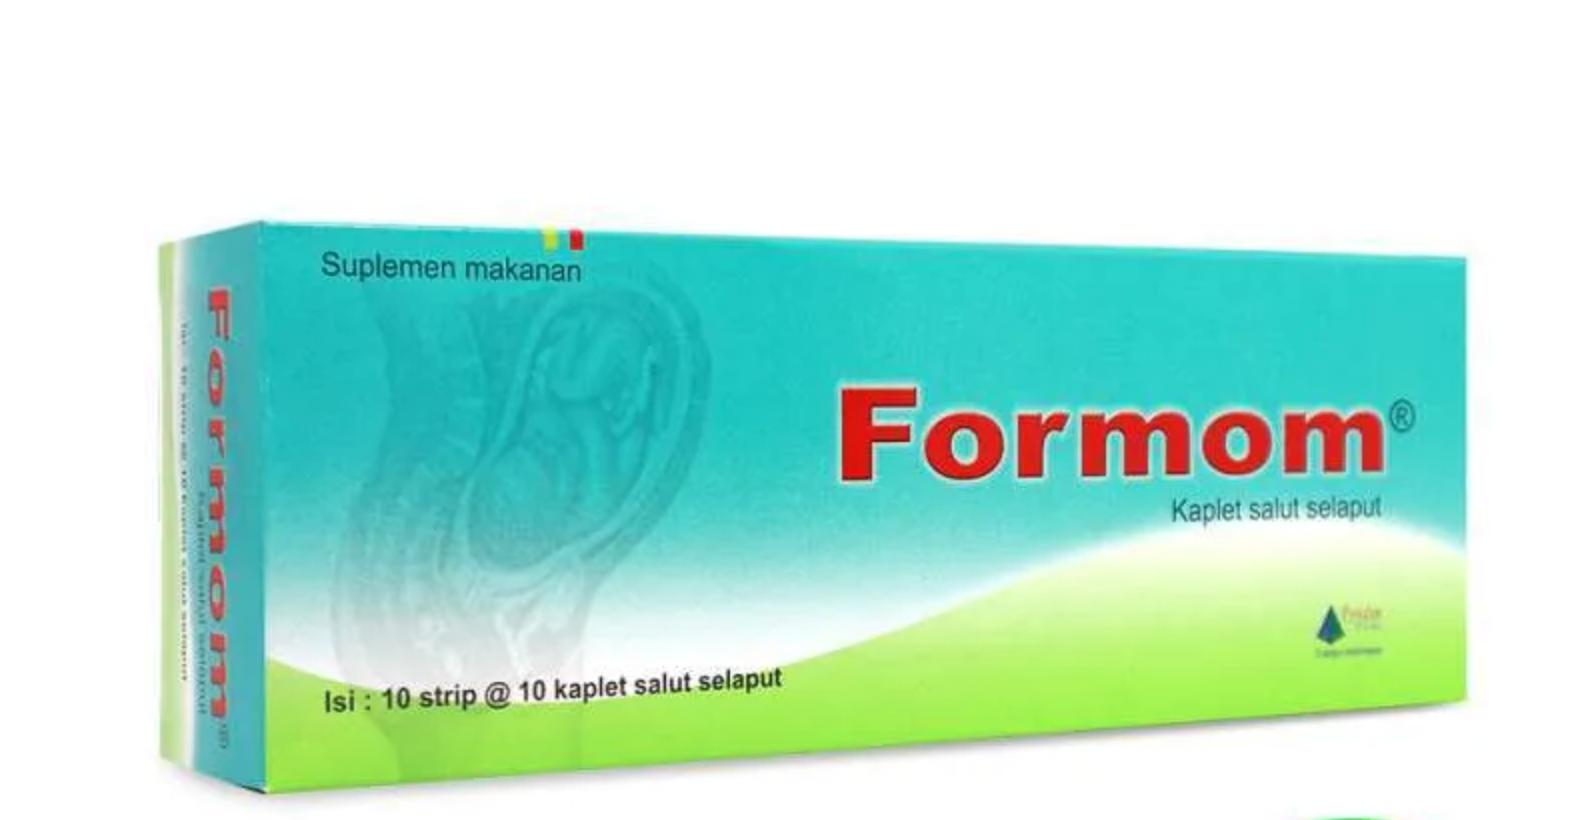 obat formom